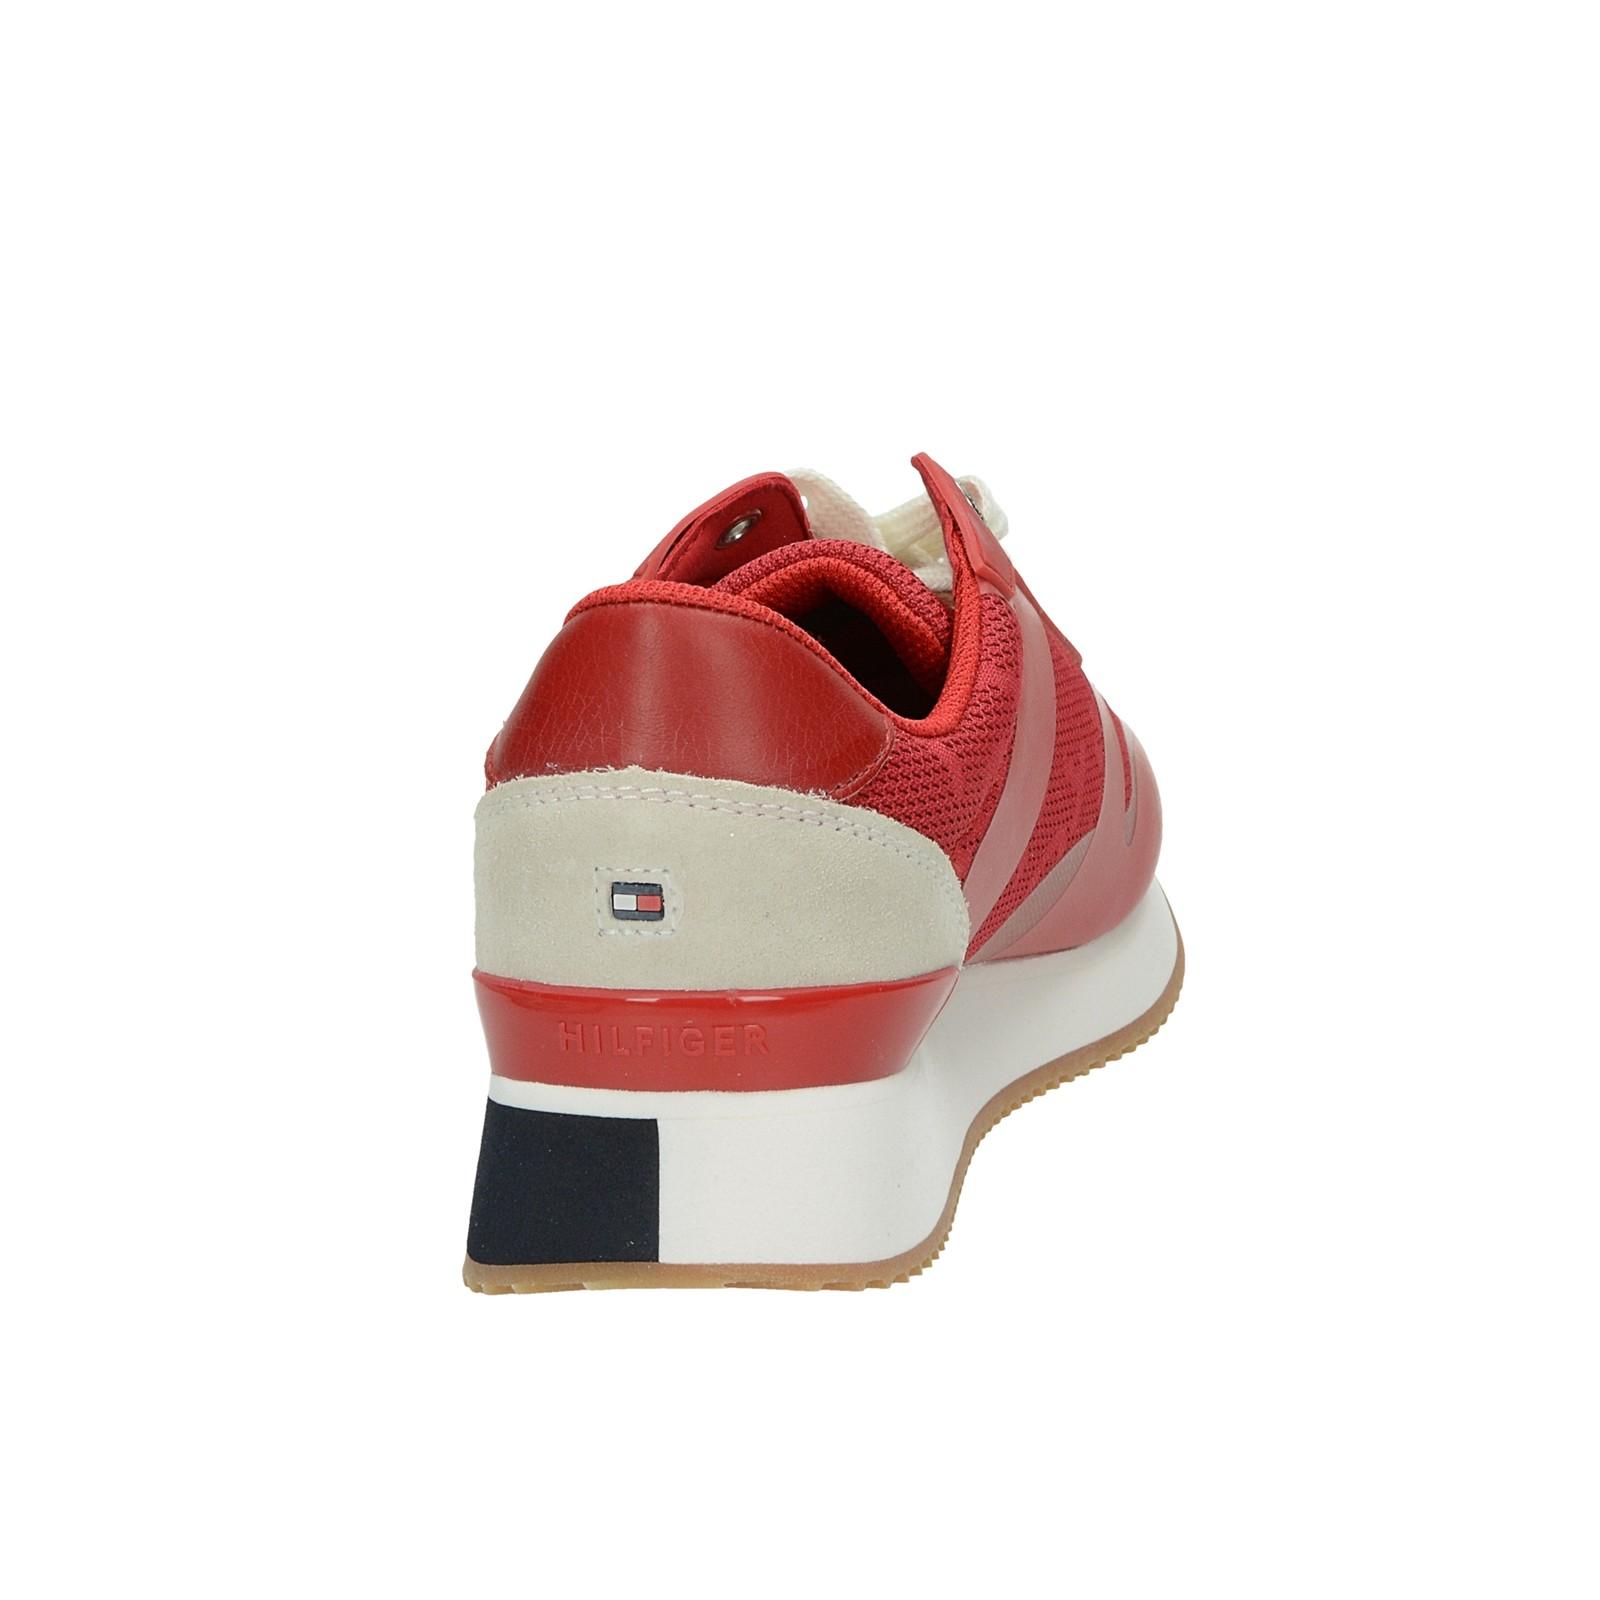 617b622d5 Tommy Hilfiger dámske štýlové tenisky - červené | FW0FW04026611 ...